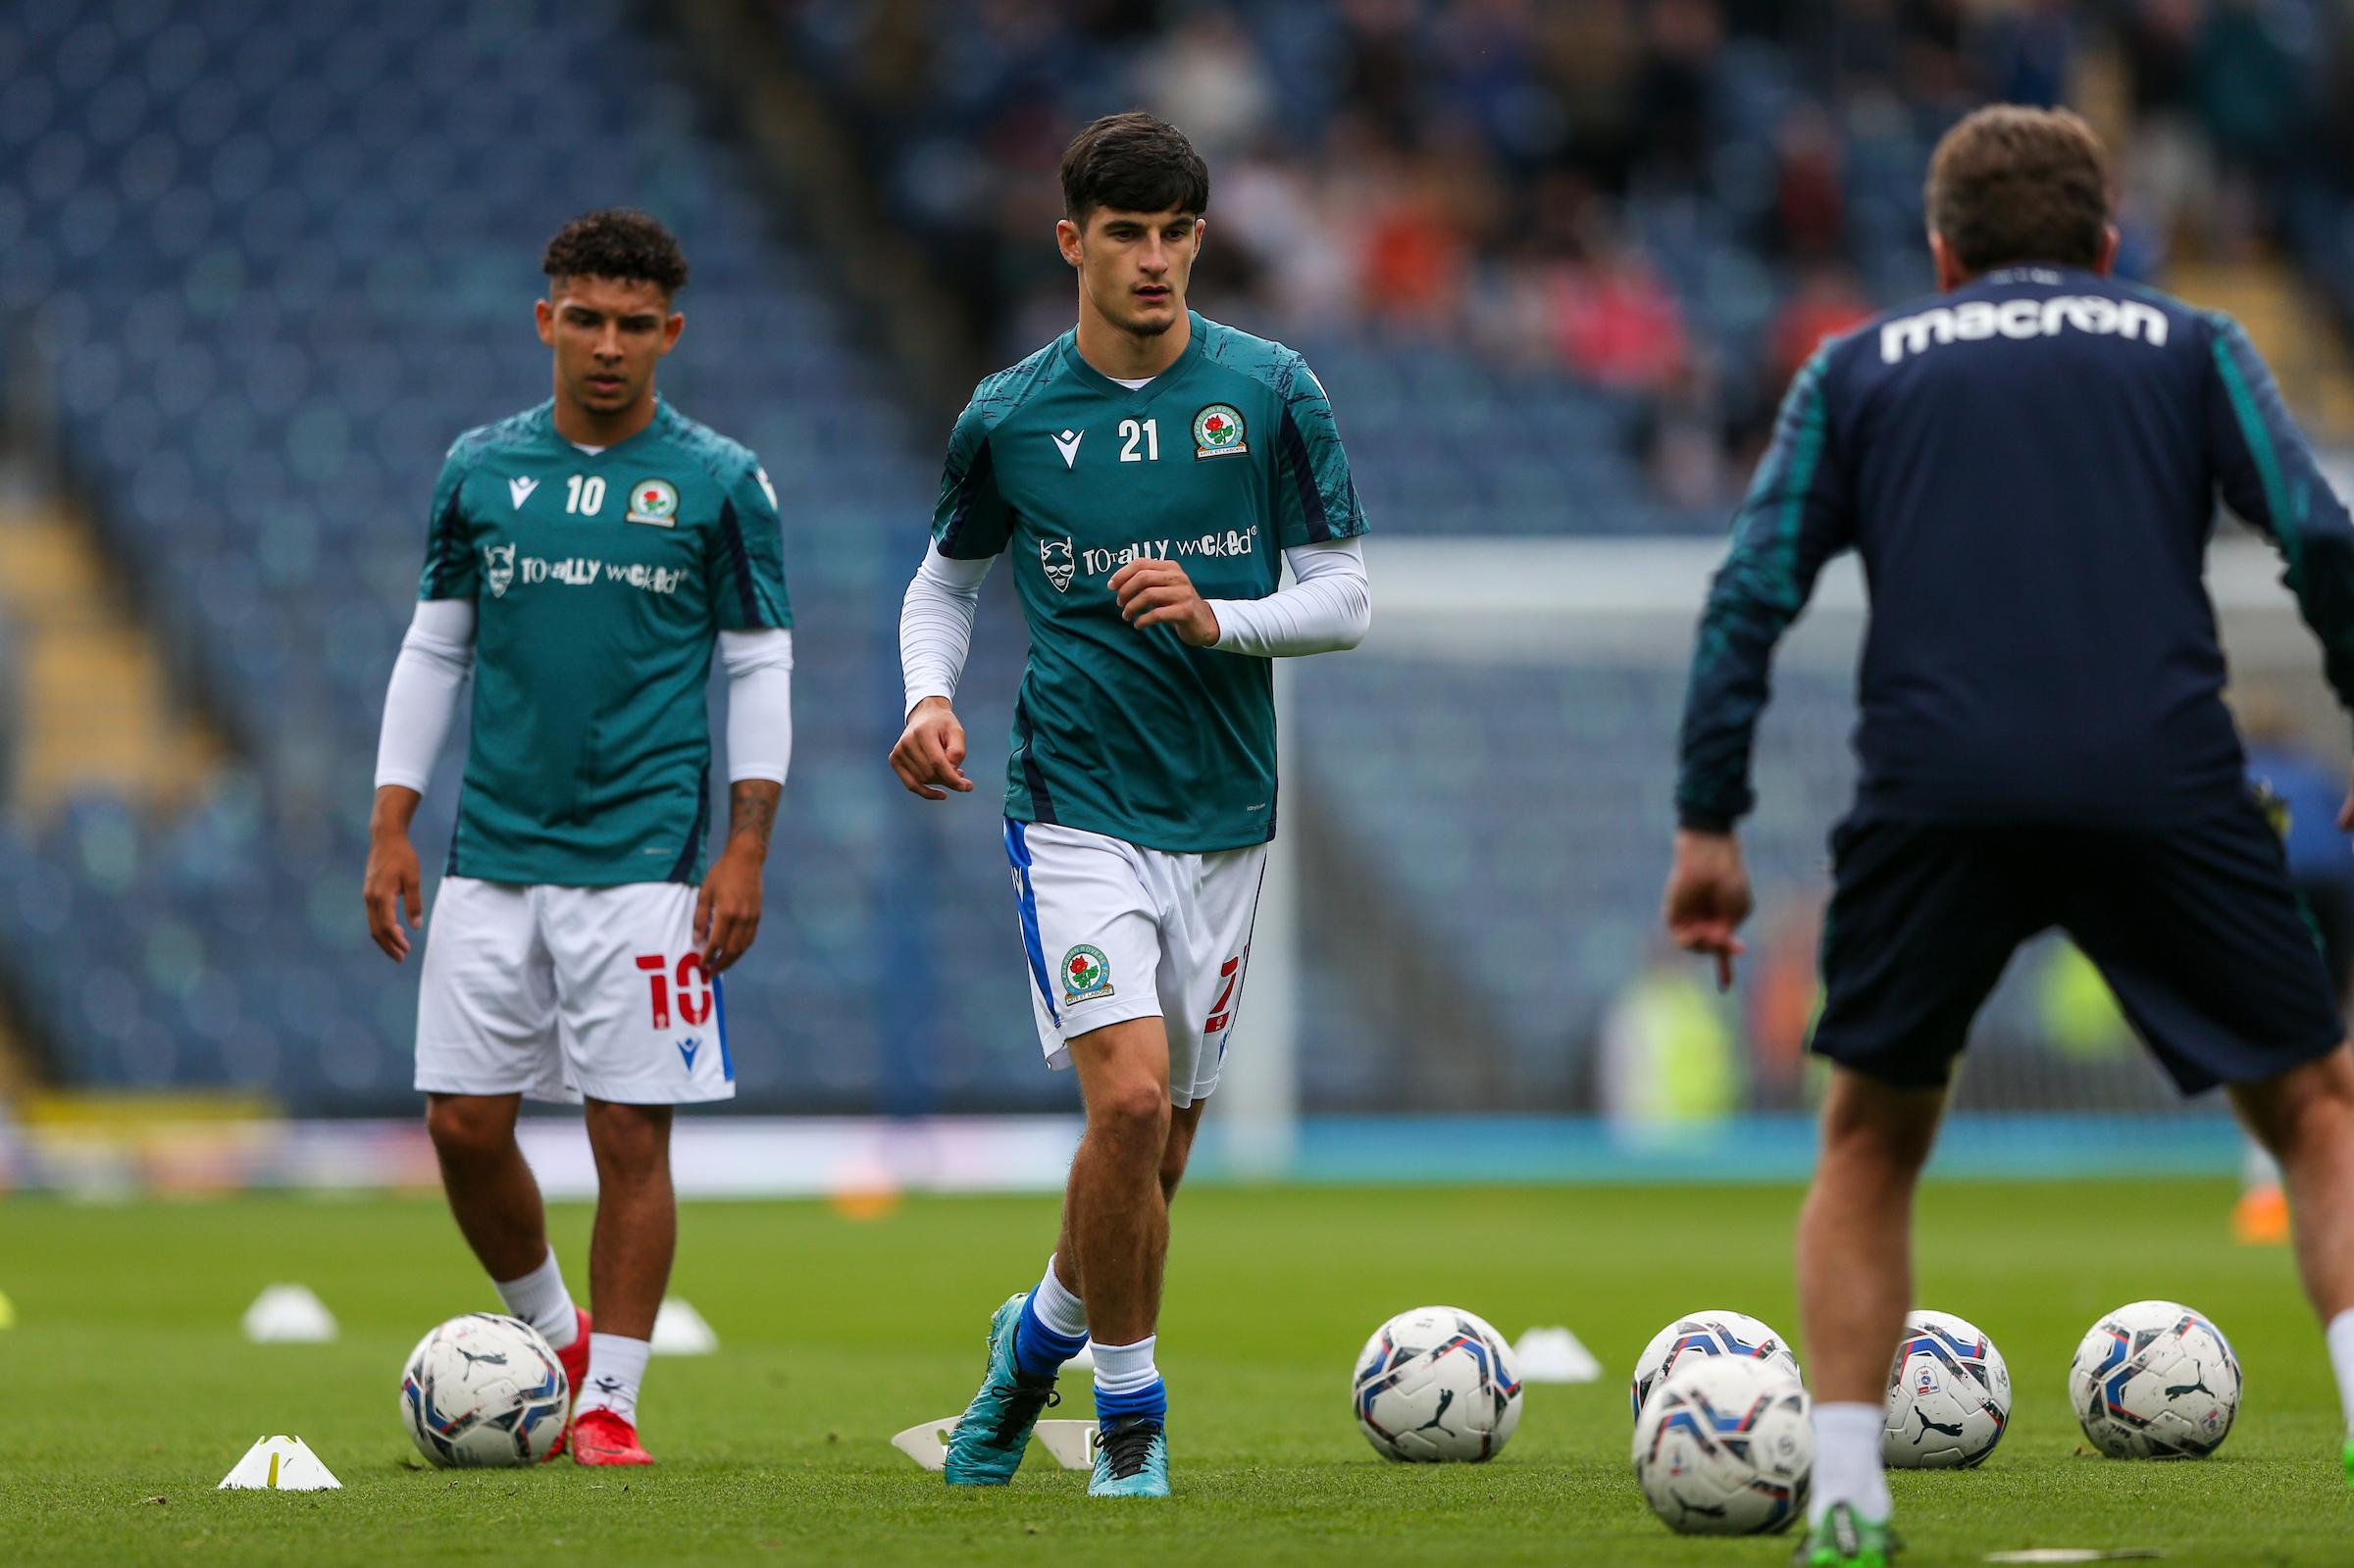 Blackburn Rovers berkomitmen untuk mendanai Akademi di tengah semakin pentingnya